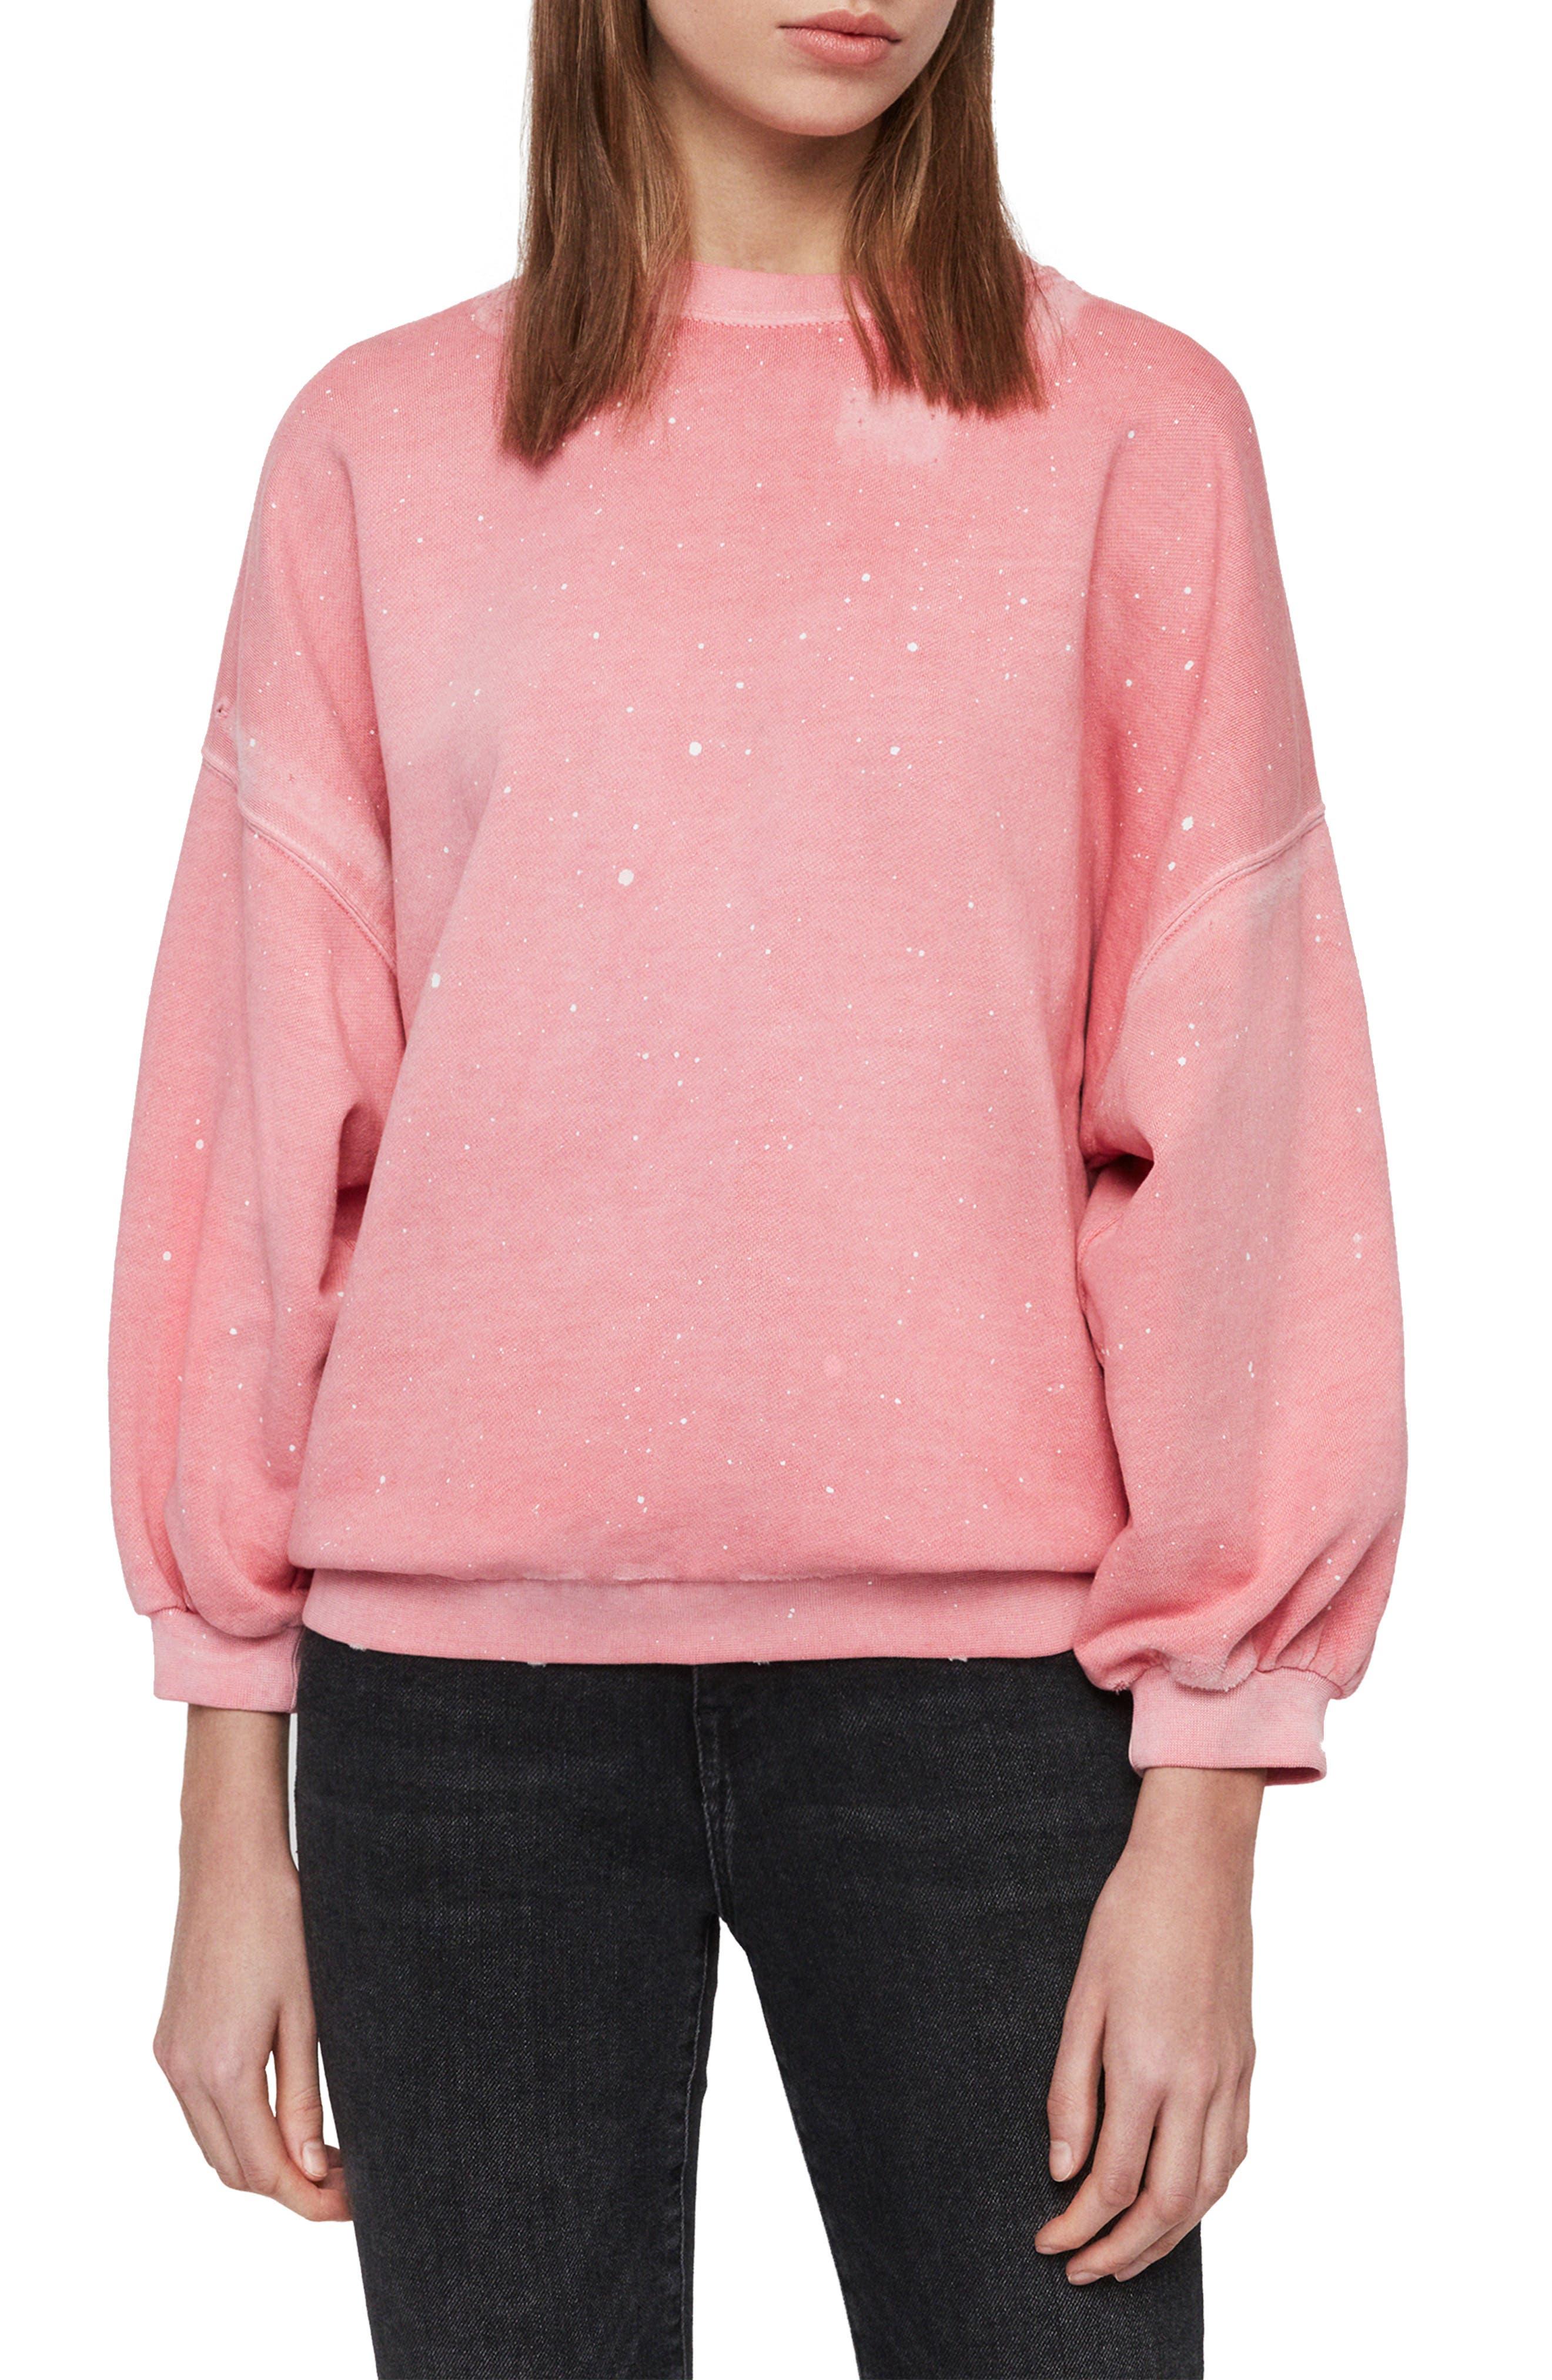 Storn Splatter Sweatshirt, Main, color, PINK